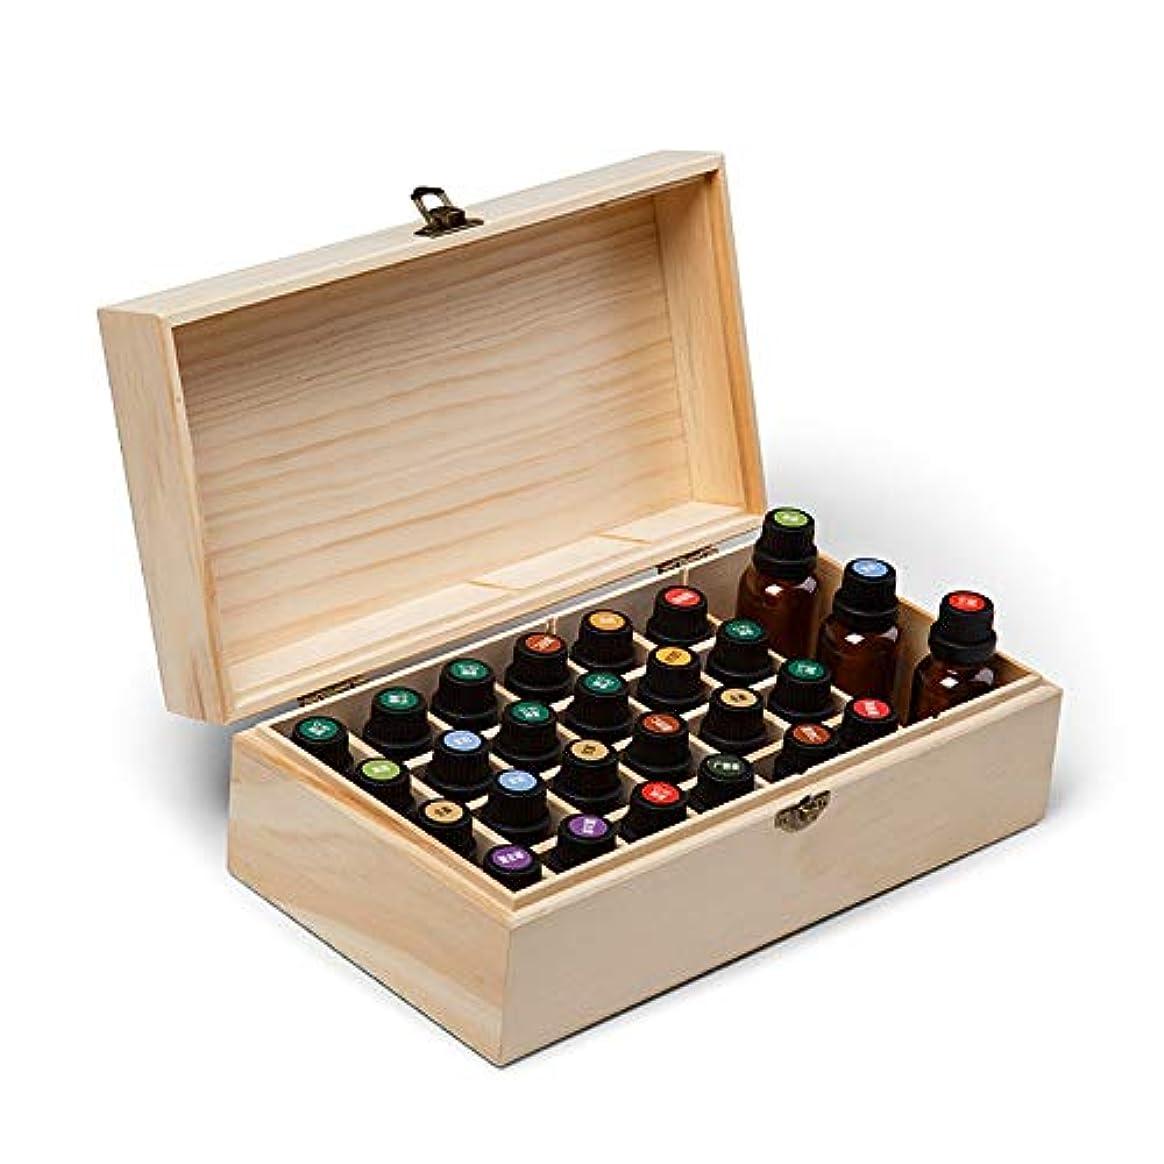 スーパー垂直軽食精油ケース エッセンシャルオイル木製ボックス油の収納ケースは、25本のボトルナチュラルパインを開催します 携帯便利 (色 : Natural, サイズ : 27X15X10CM)